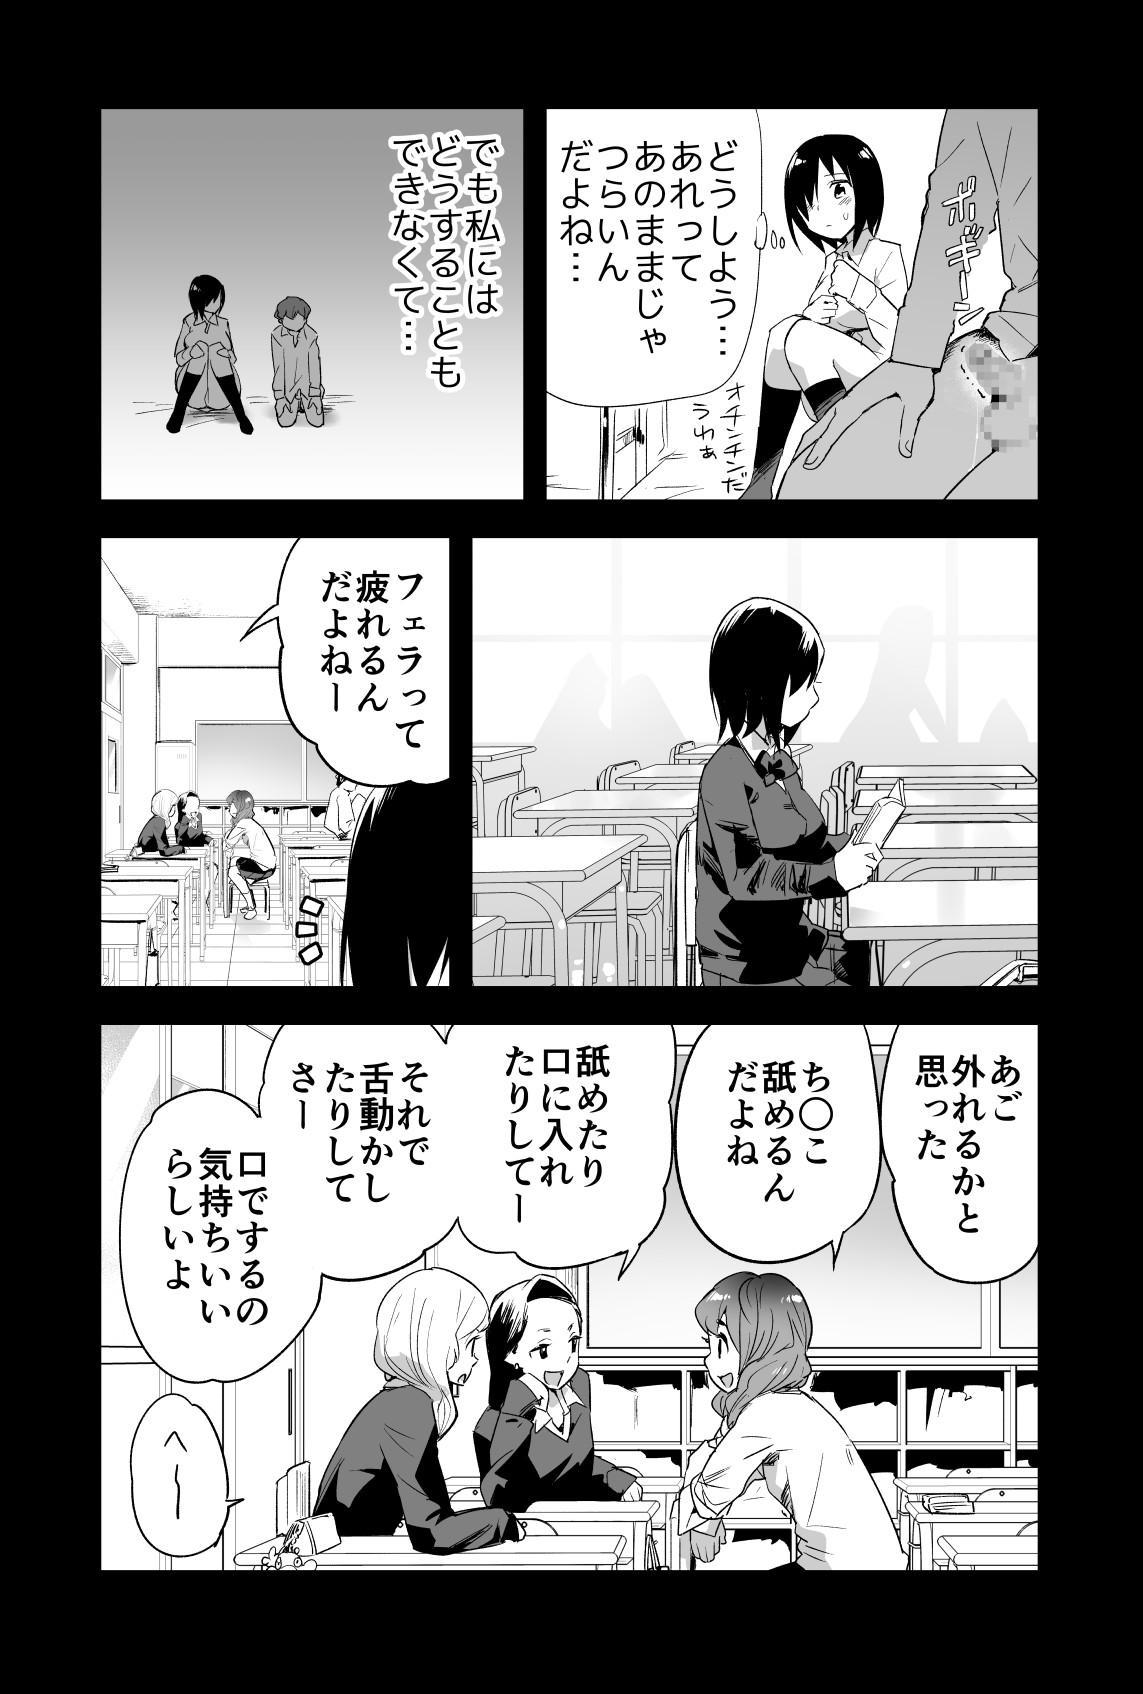 Yoshimura-san Ch. 0 Zenpen 5